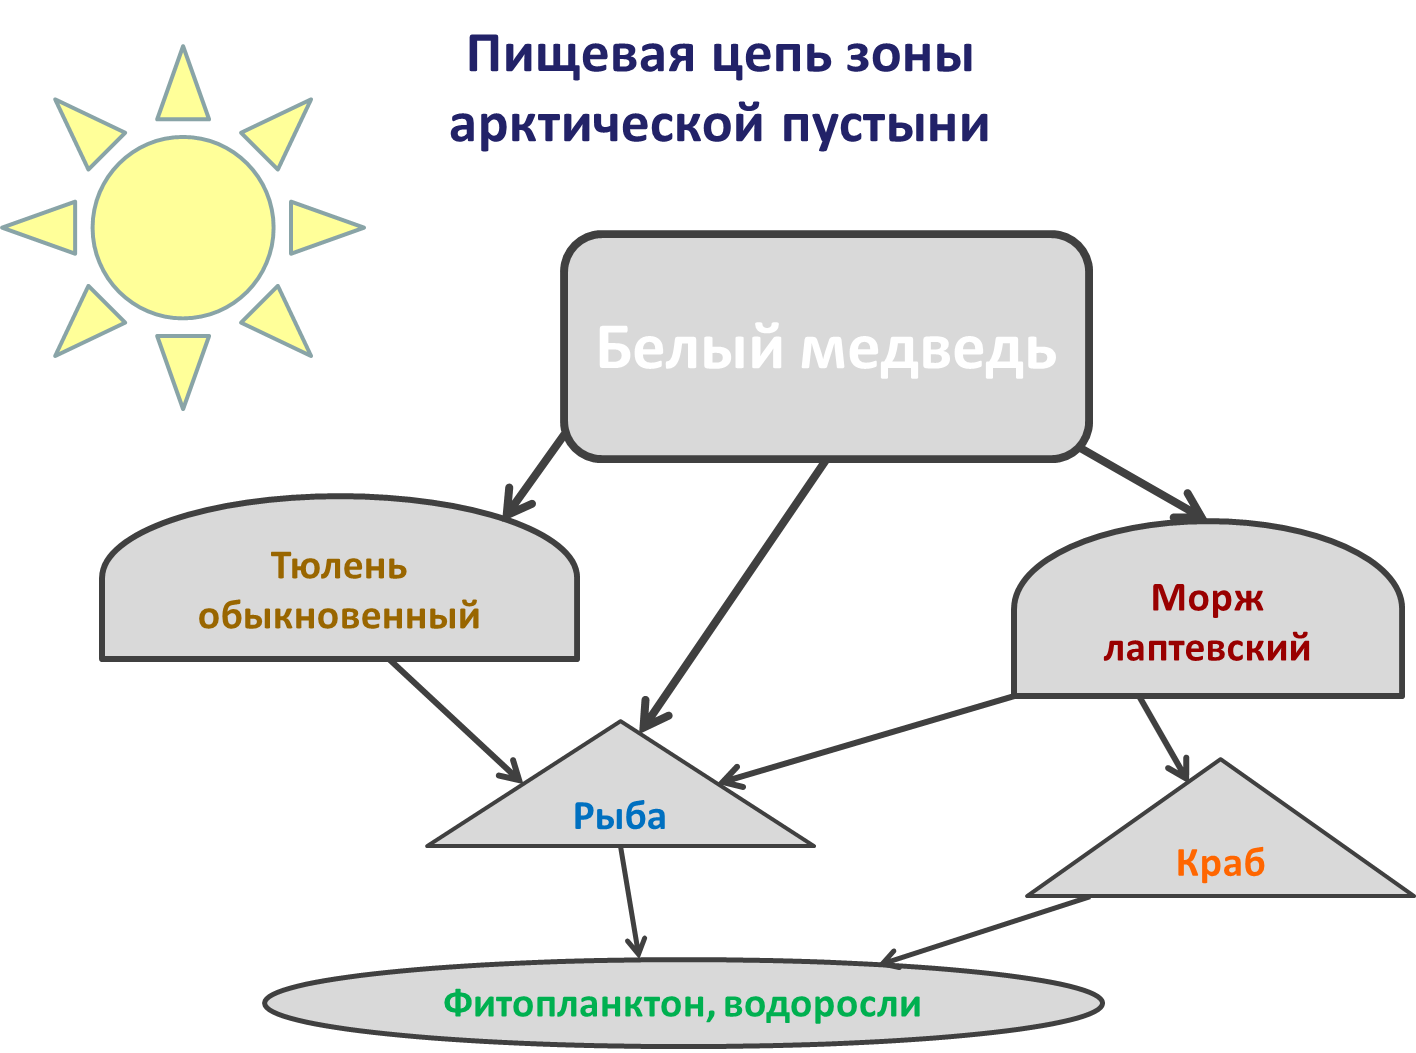 модели схемы пищевые цепи